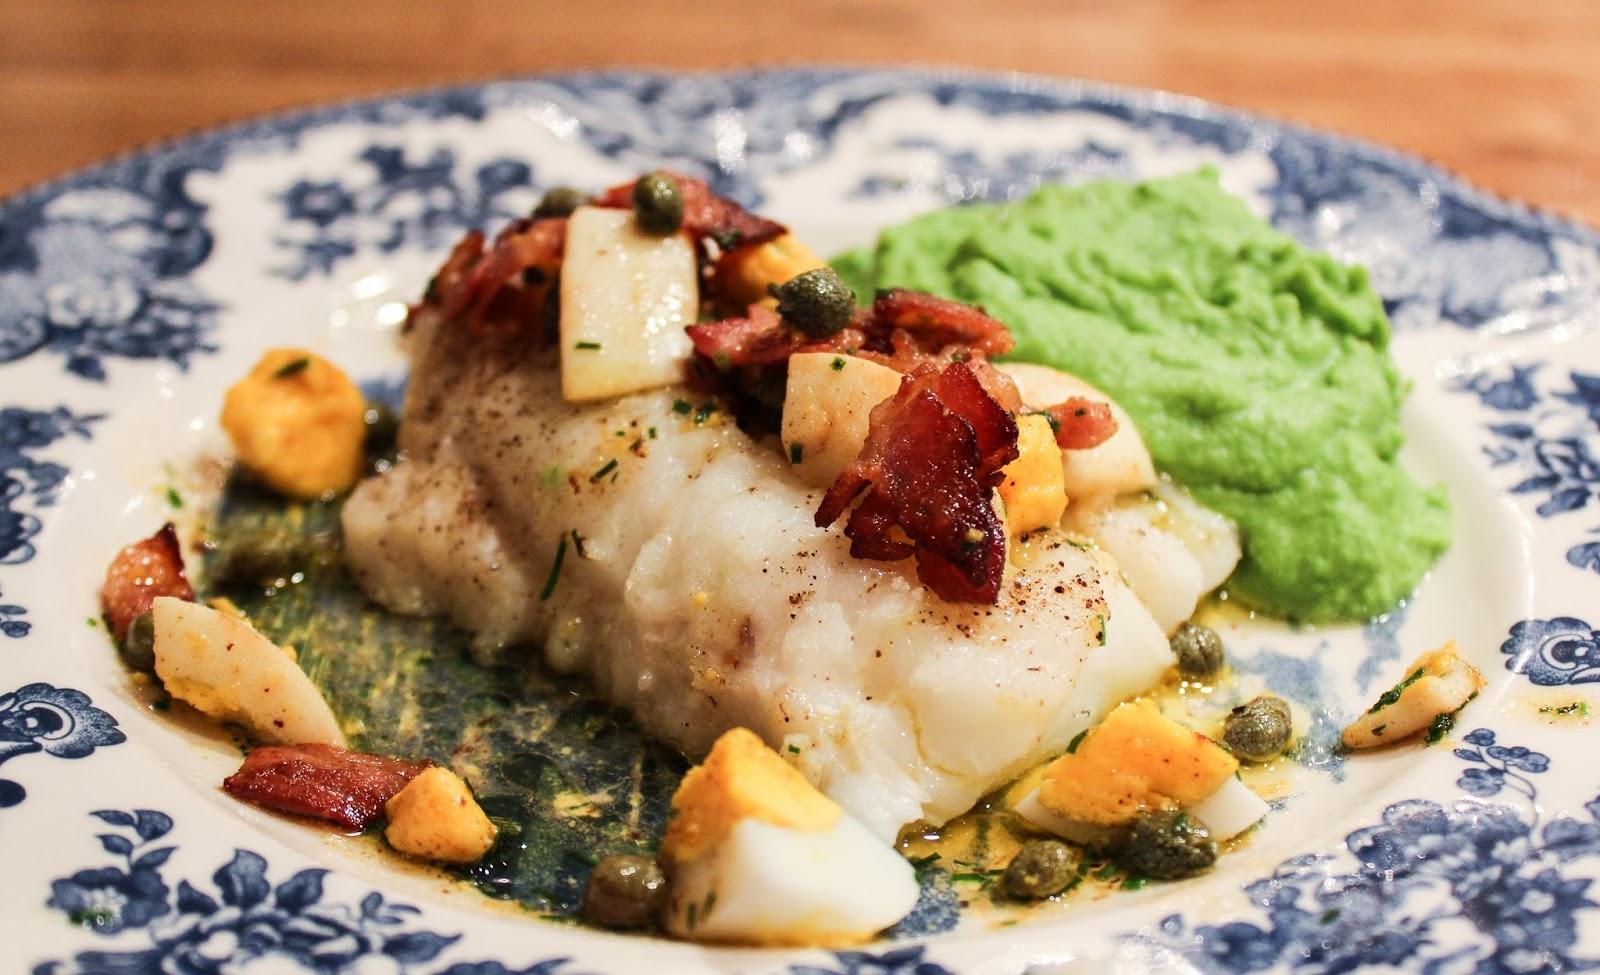 http://monicasoppskrifter.blogspot.no/2014/01/bakt-torsk-med-egg-bacon-og-ertepure.html